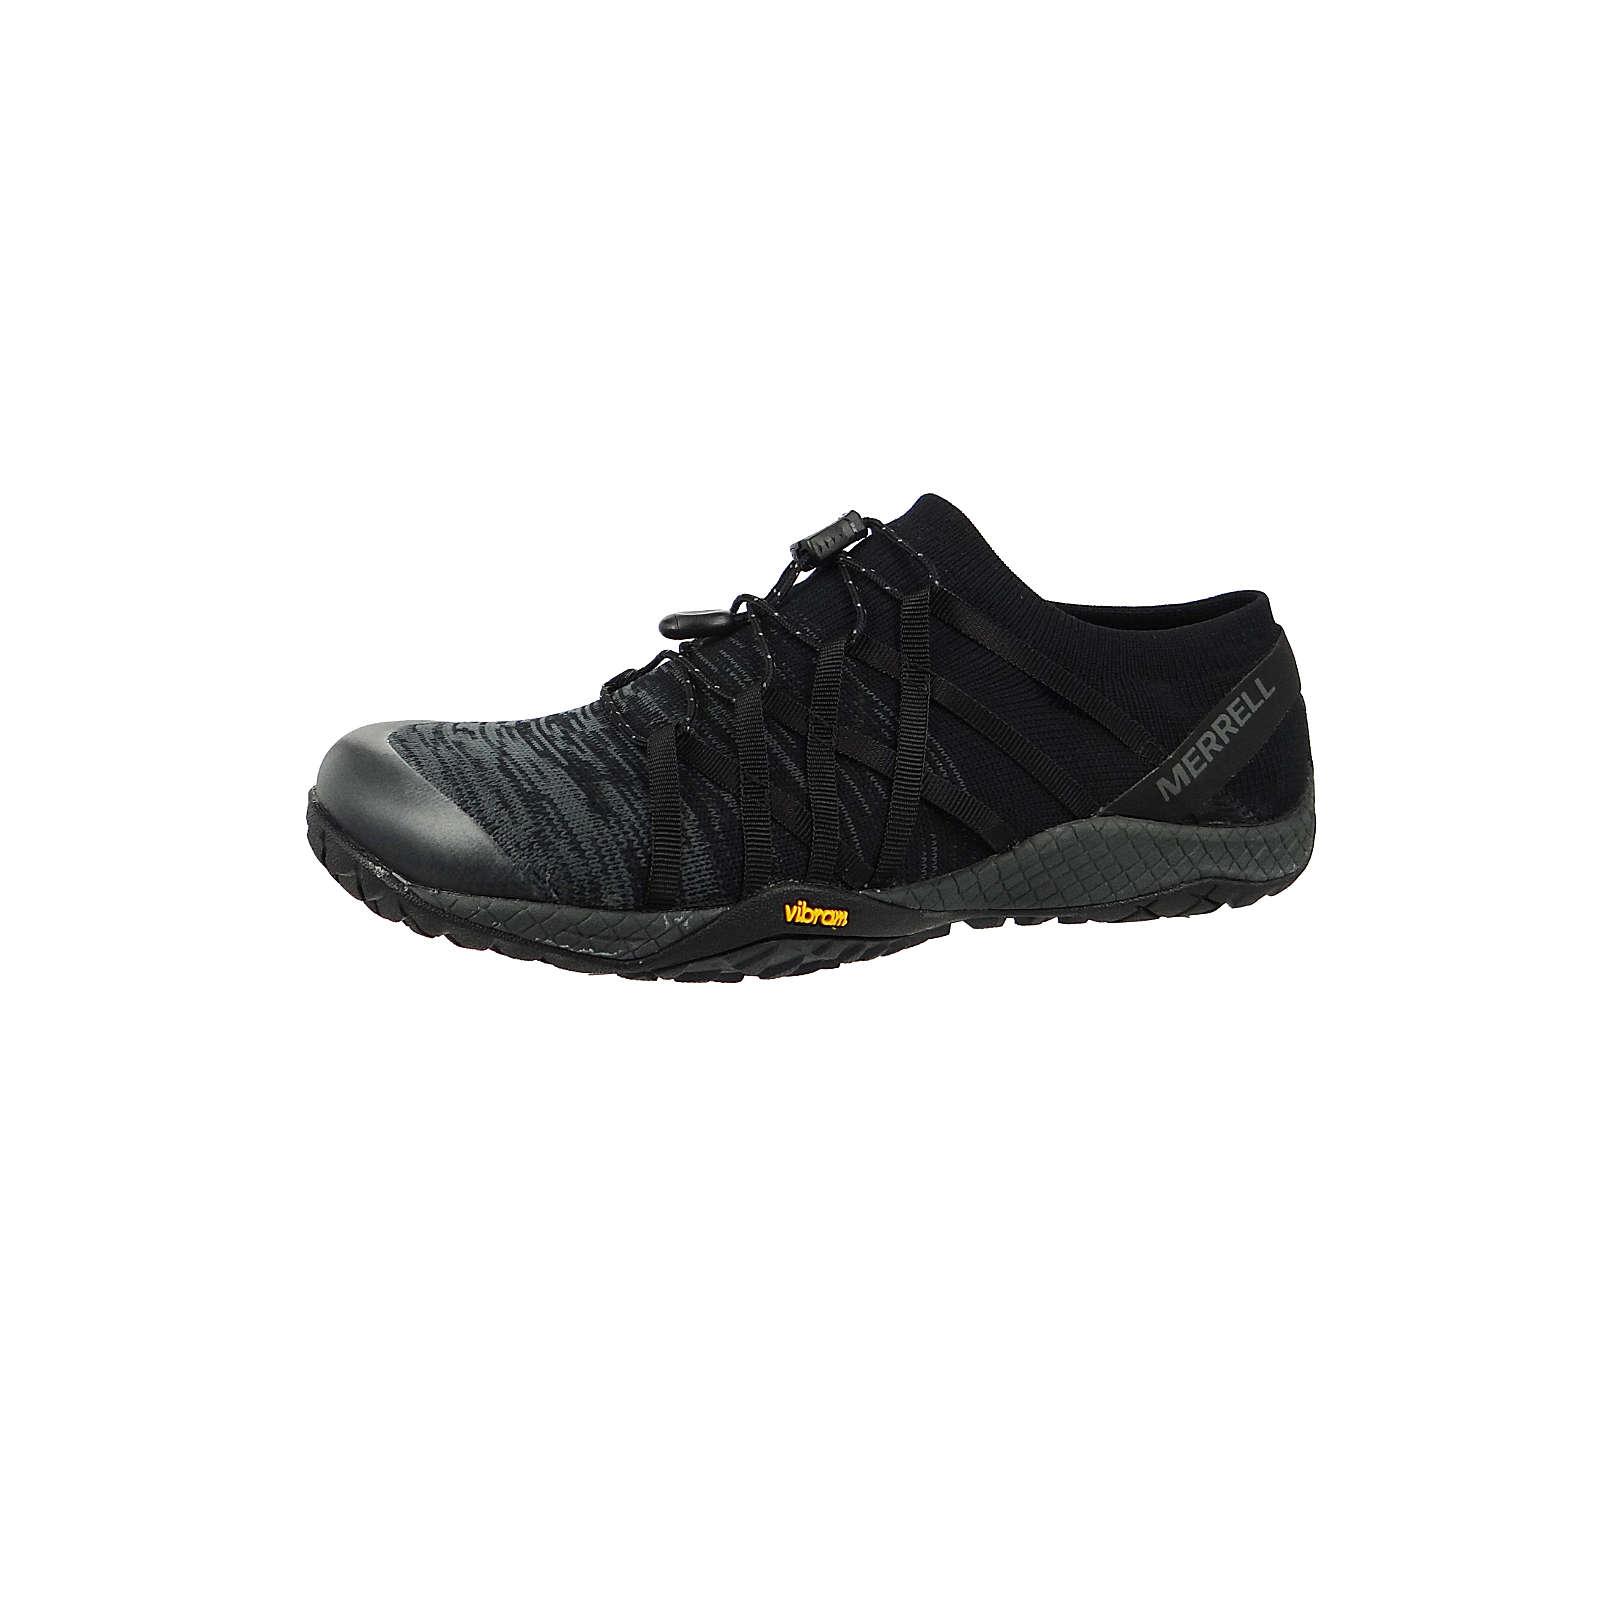 MERRELL Trail Glove 4 Knit J18832 Trailrunningschuhe schwarz Damen Gr. 38